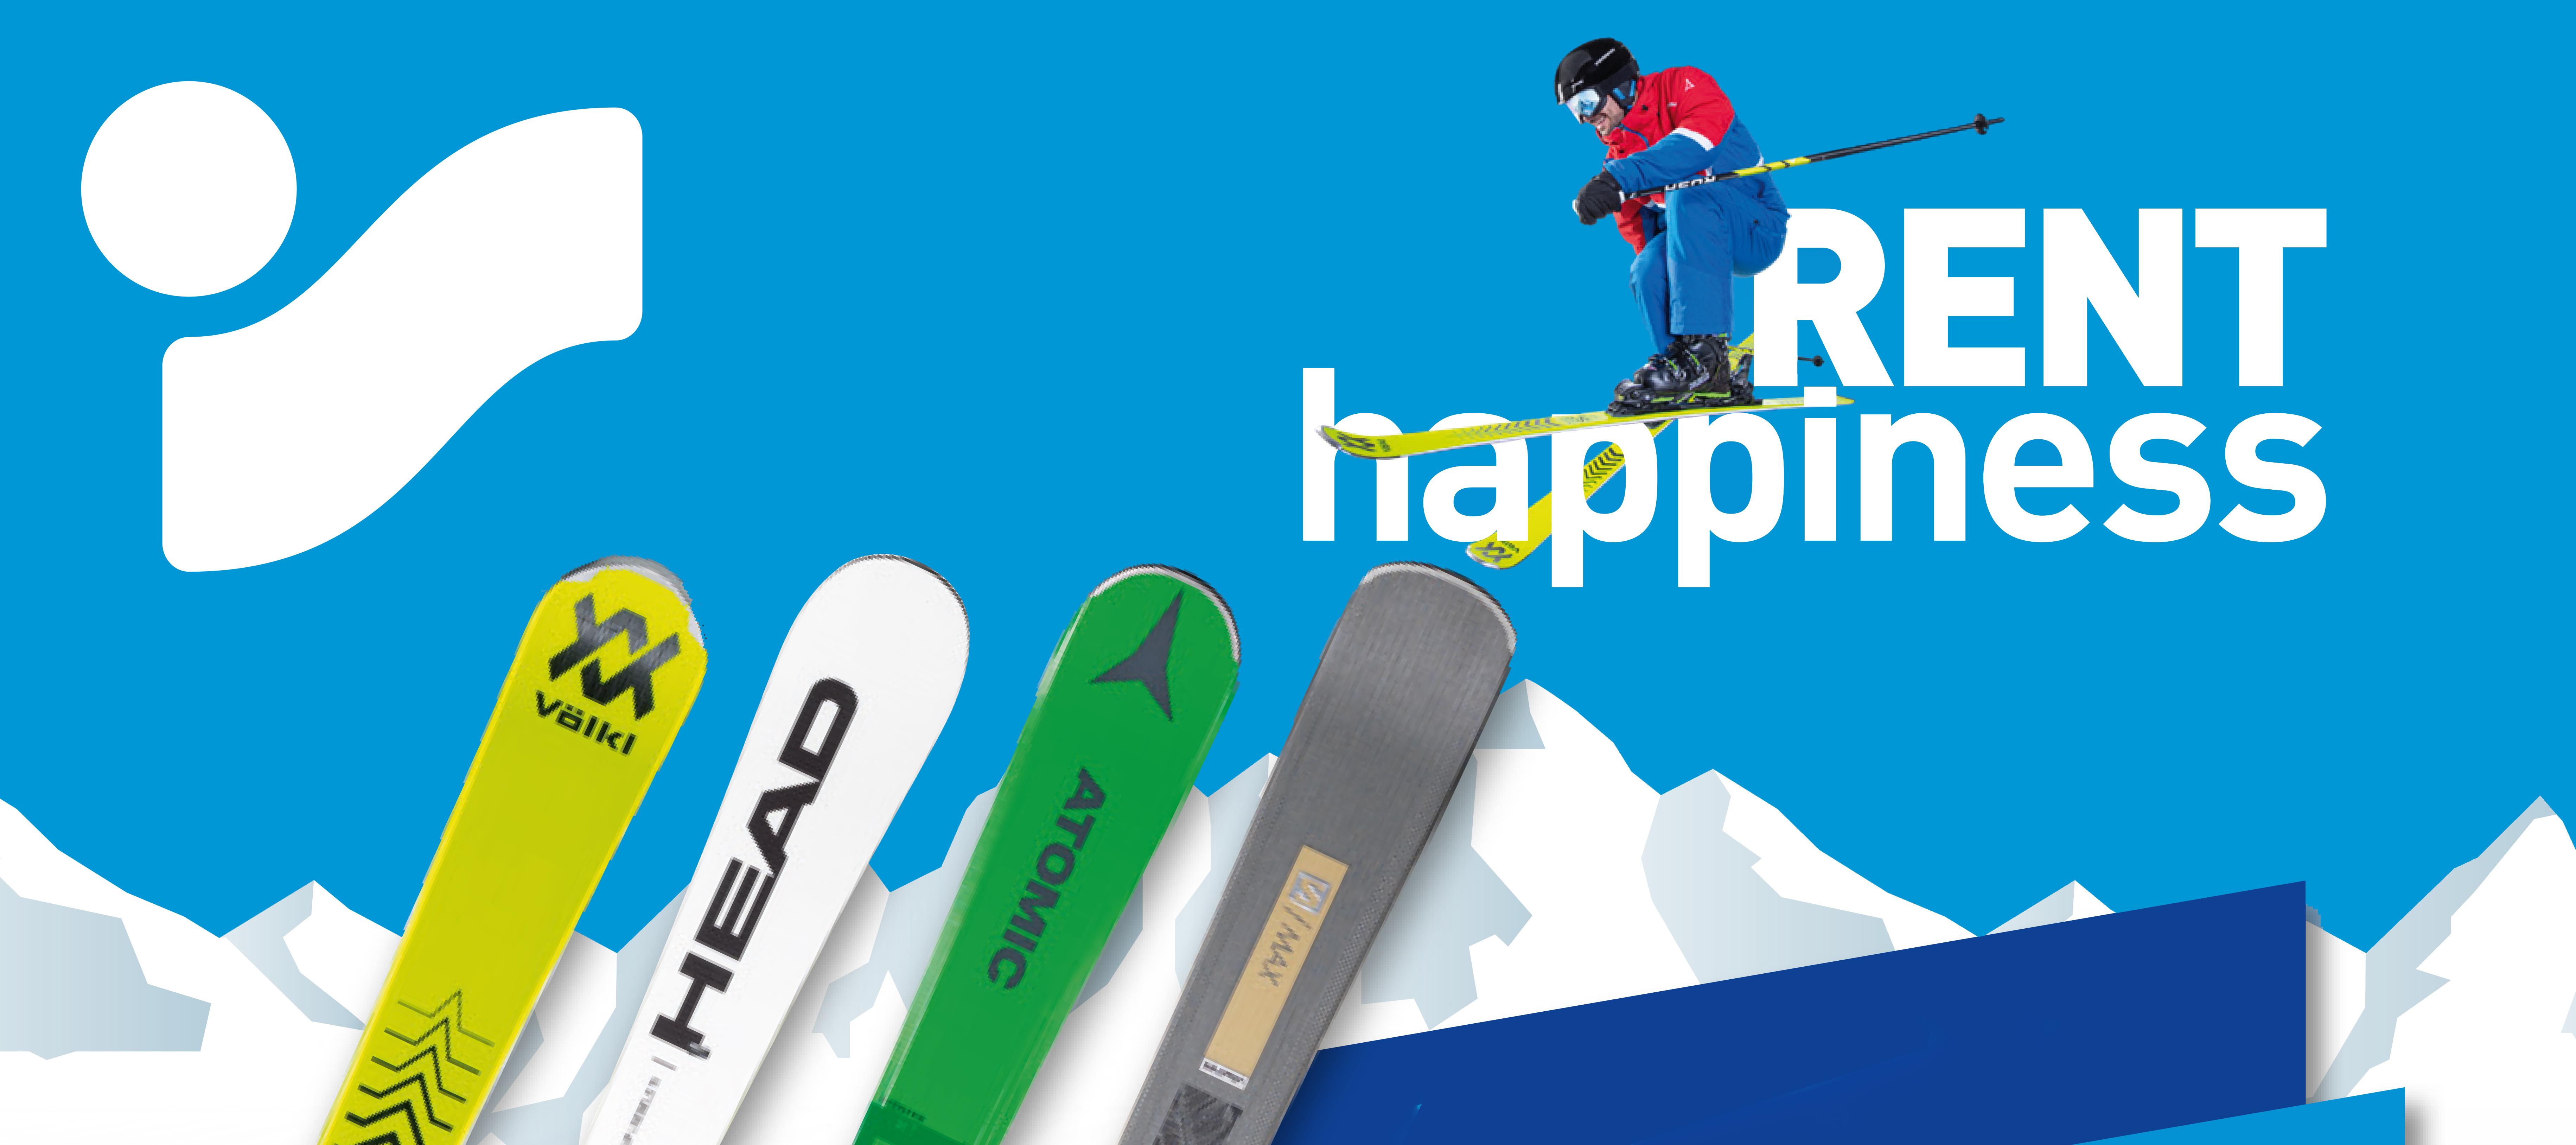 Skiverleih Intersport Rent Alpensport Ski Snowboard Rodel Skischuhe Skihelm Tourenski Nassfeld Tröpolach Weissensee